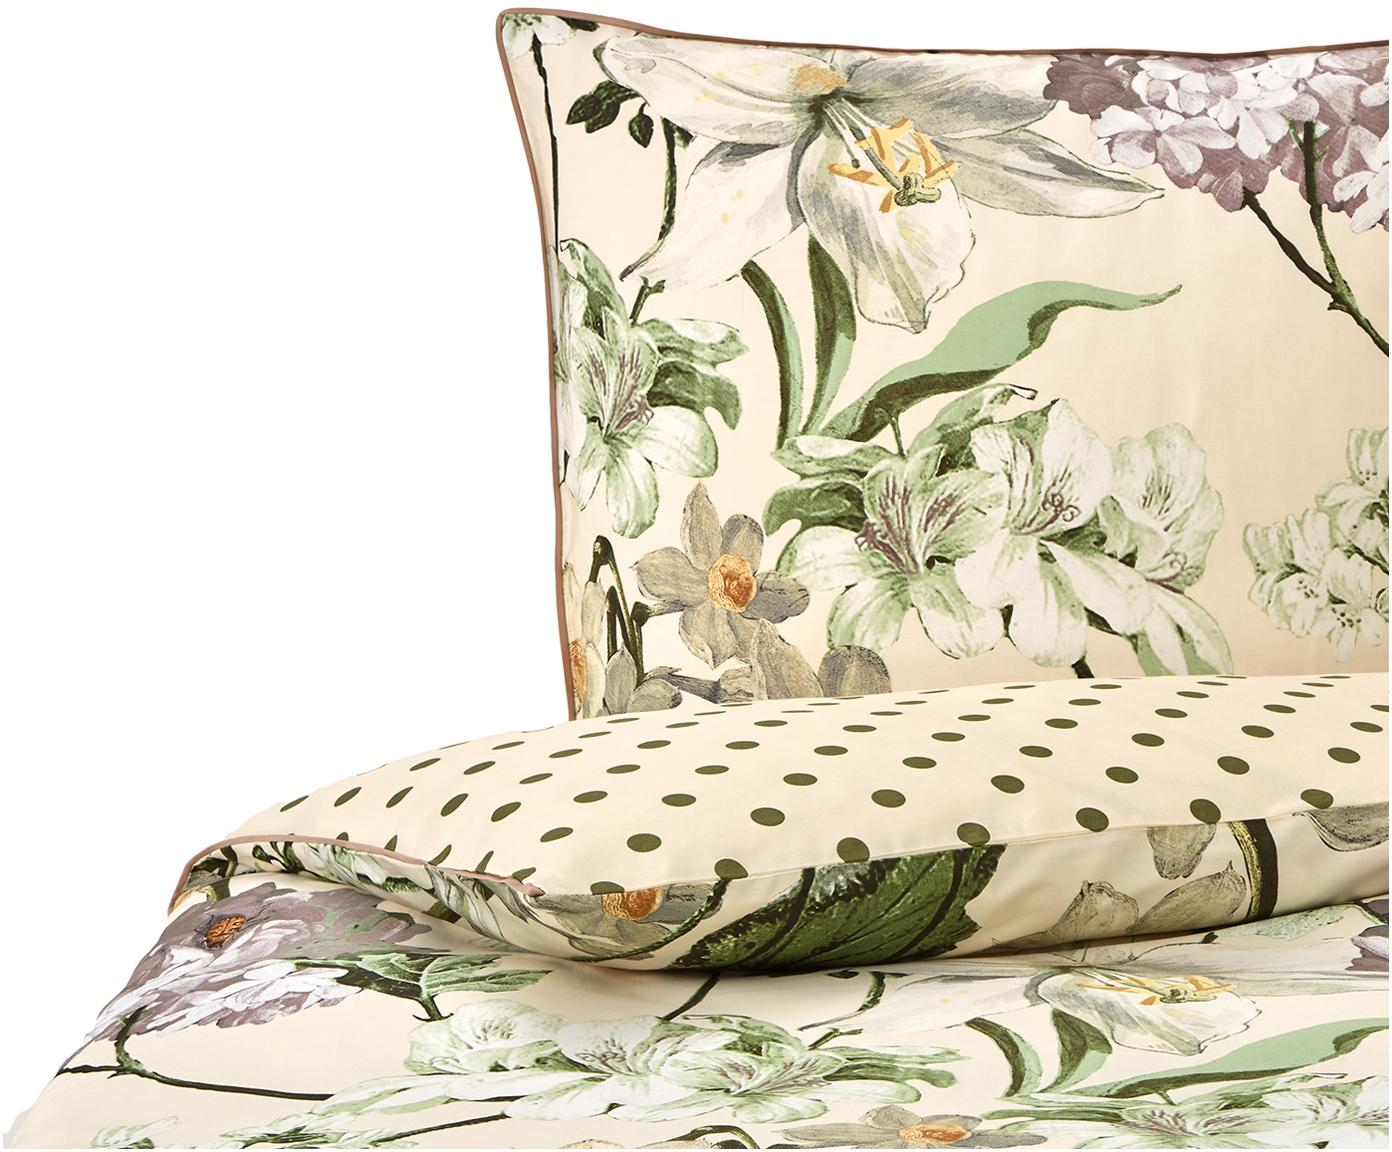 Baumwollsatin-Wendebettwäsche Rosalee mit Blumen-Muster, Webart: Satin Fadendichte 215 TC,, Creme, Mehrfarbig, 135 x 200 cm + 1 Kissen 80 x 80 cm